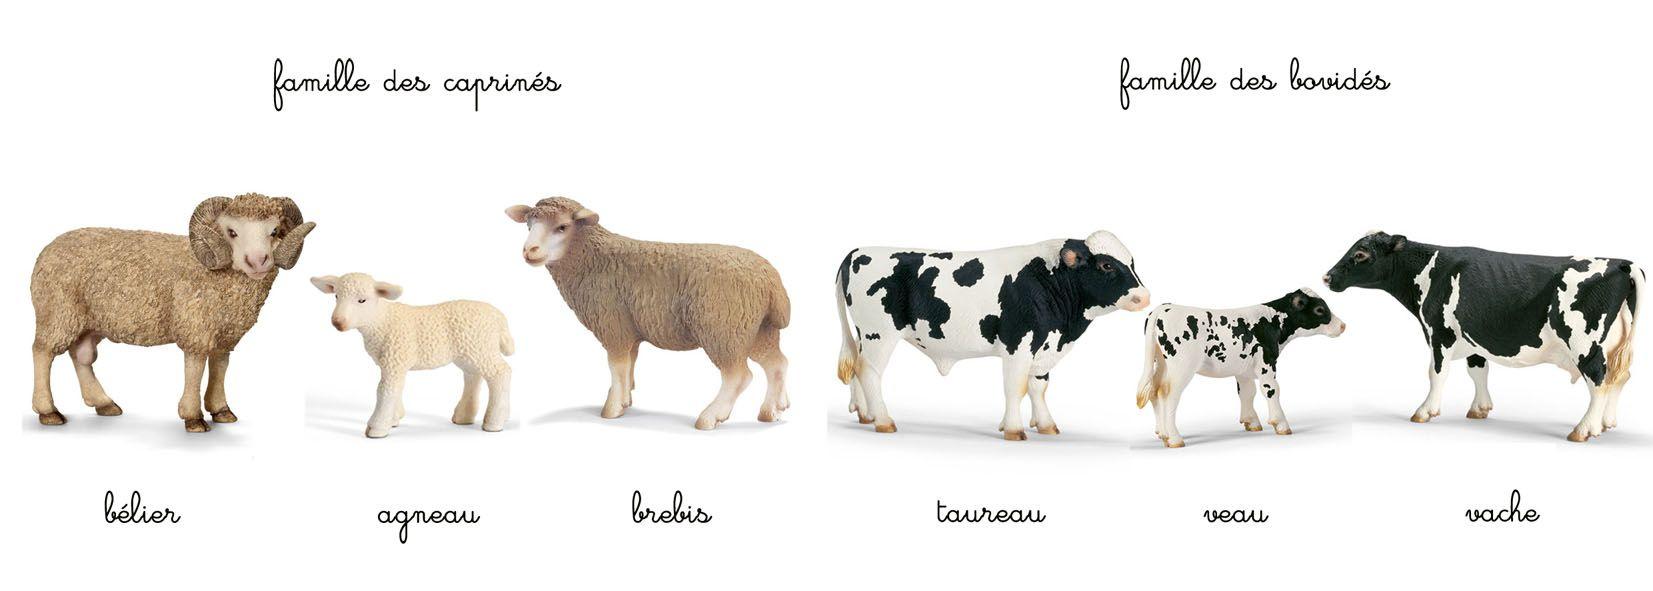 Top 76} # Les familles d'animaux - Ah l'heure Montessorienne | IEF  XK29